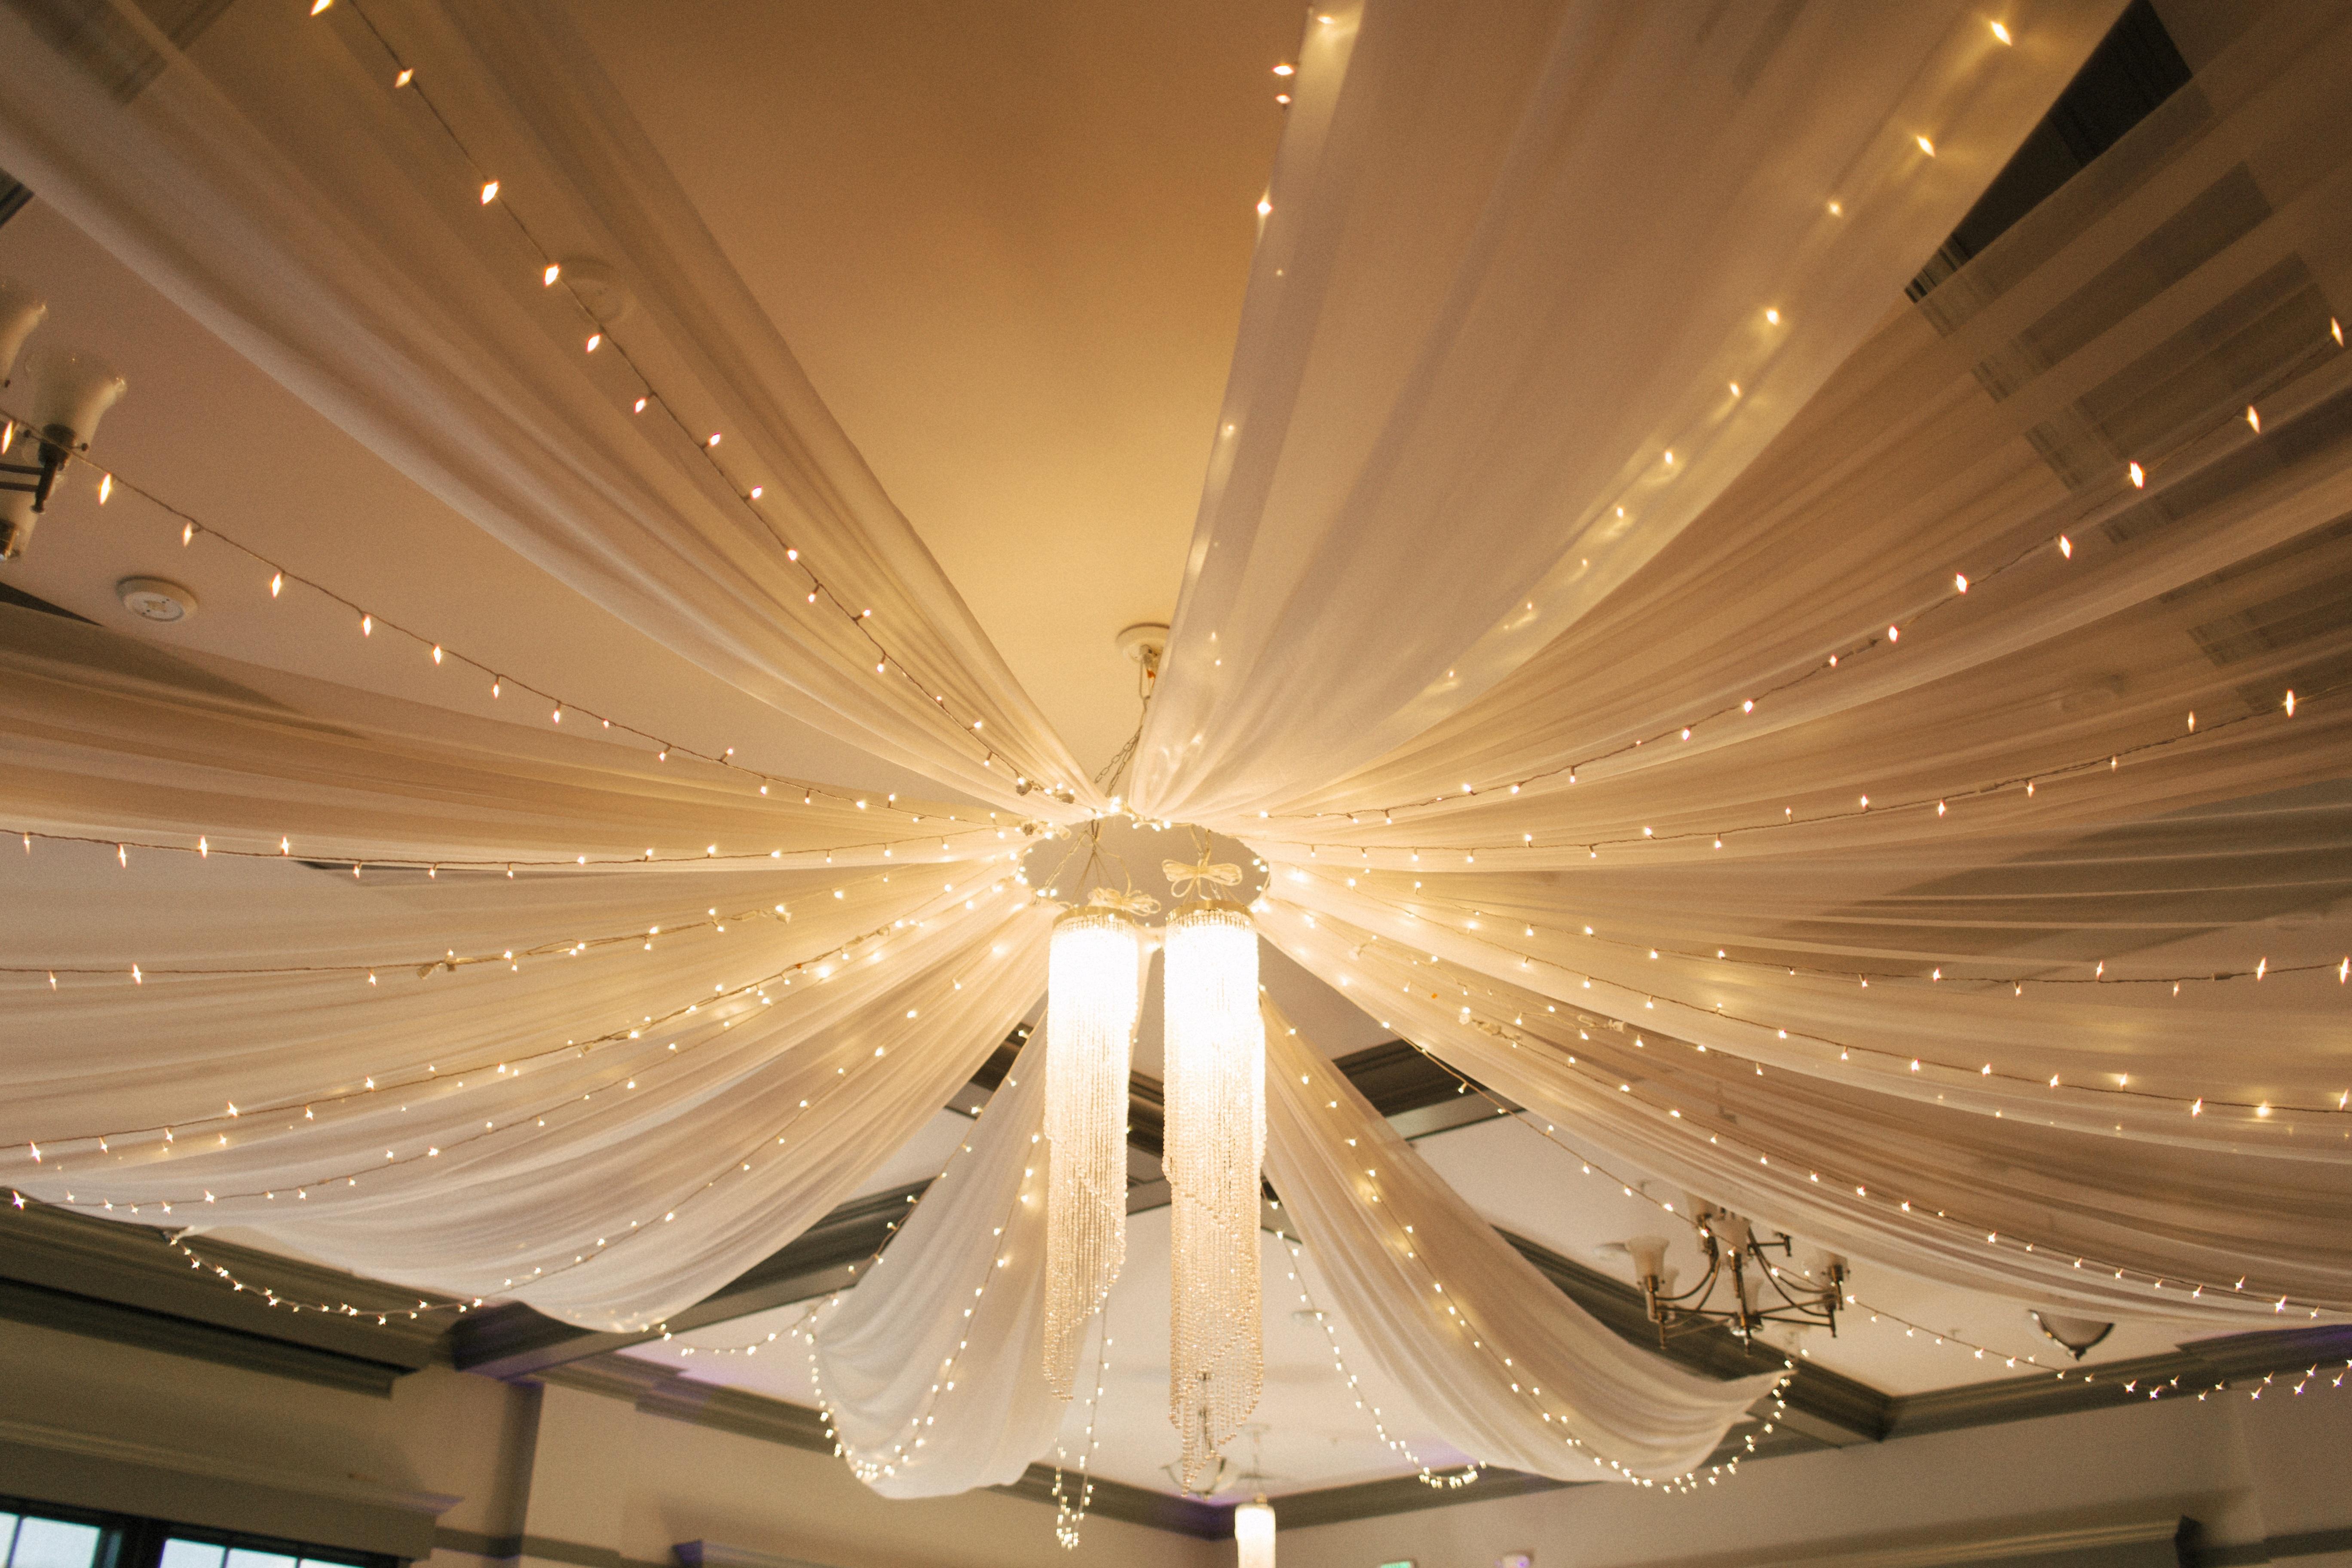 무료 이미지 : 빛, 강당, 천장, 장식, 조명, 혼례, 극장, 사치 ...